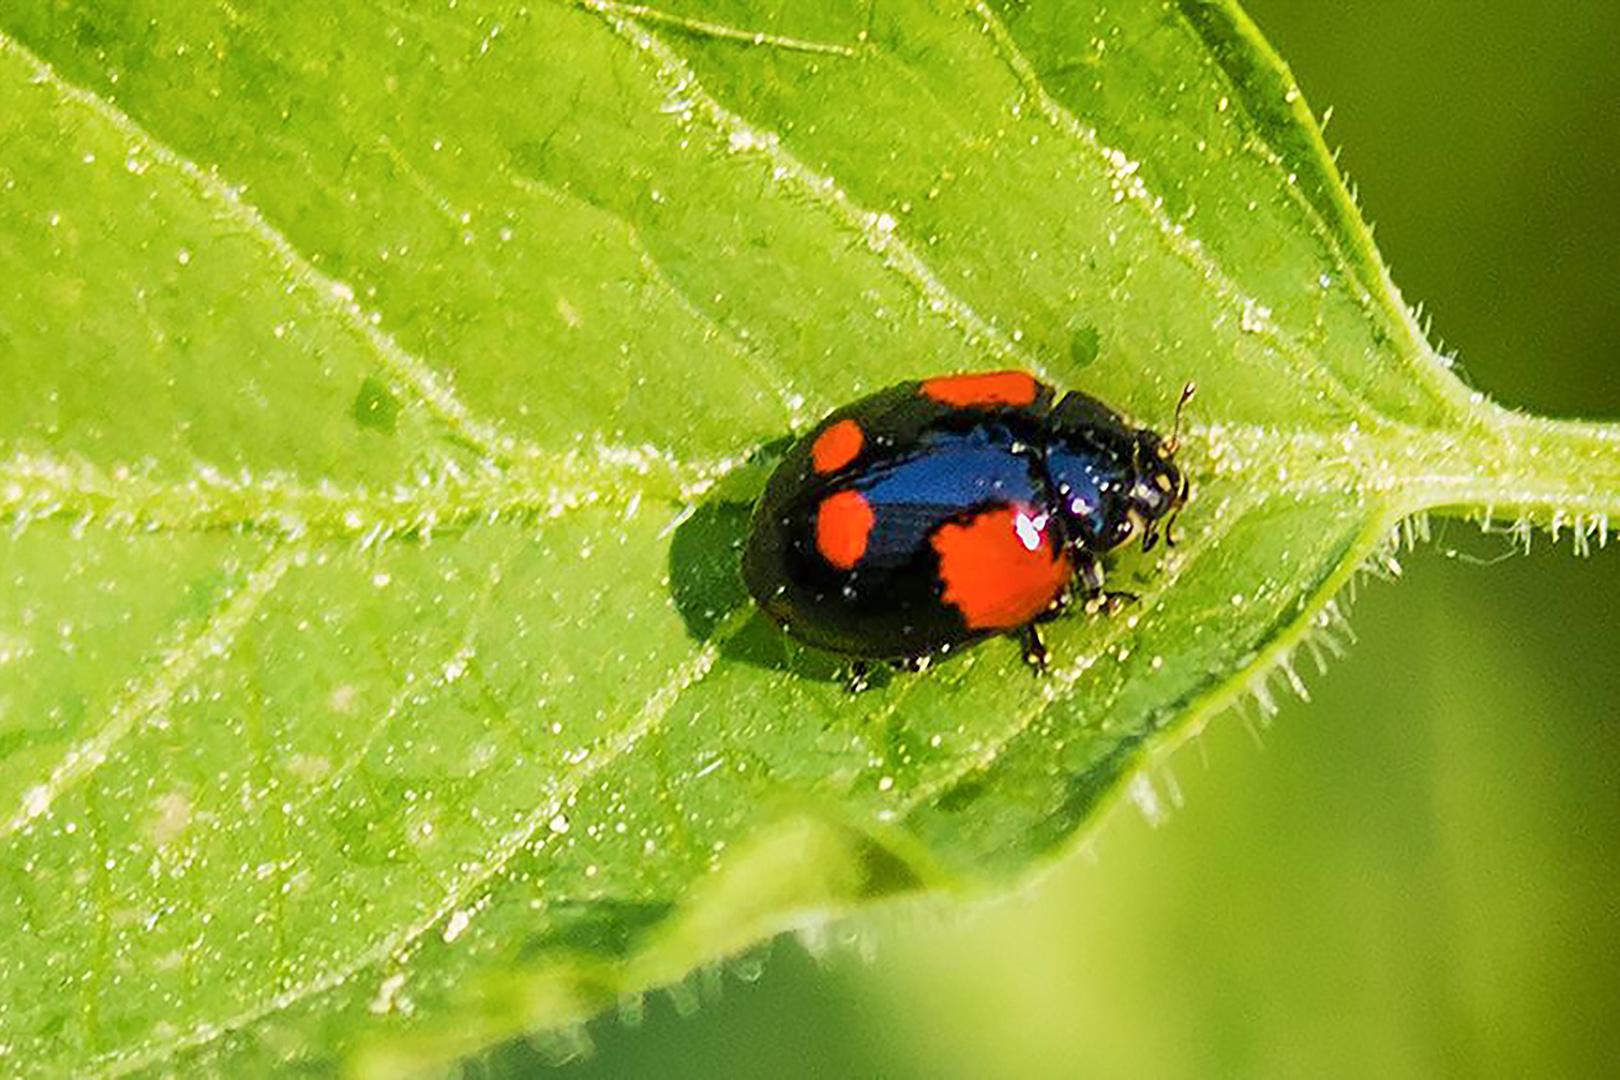 Zweipunkt-Marienkäfer (Adalia bipunctata)